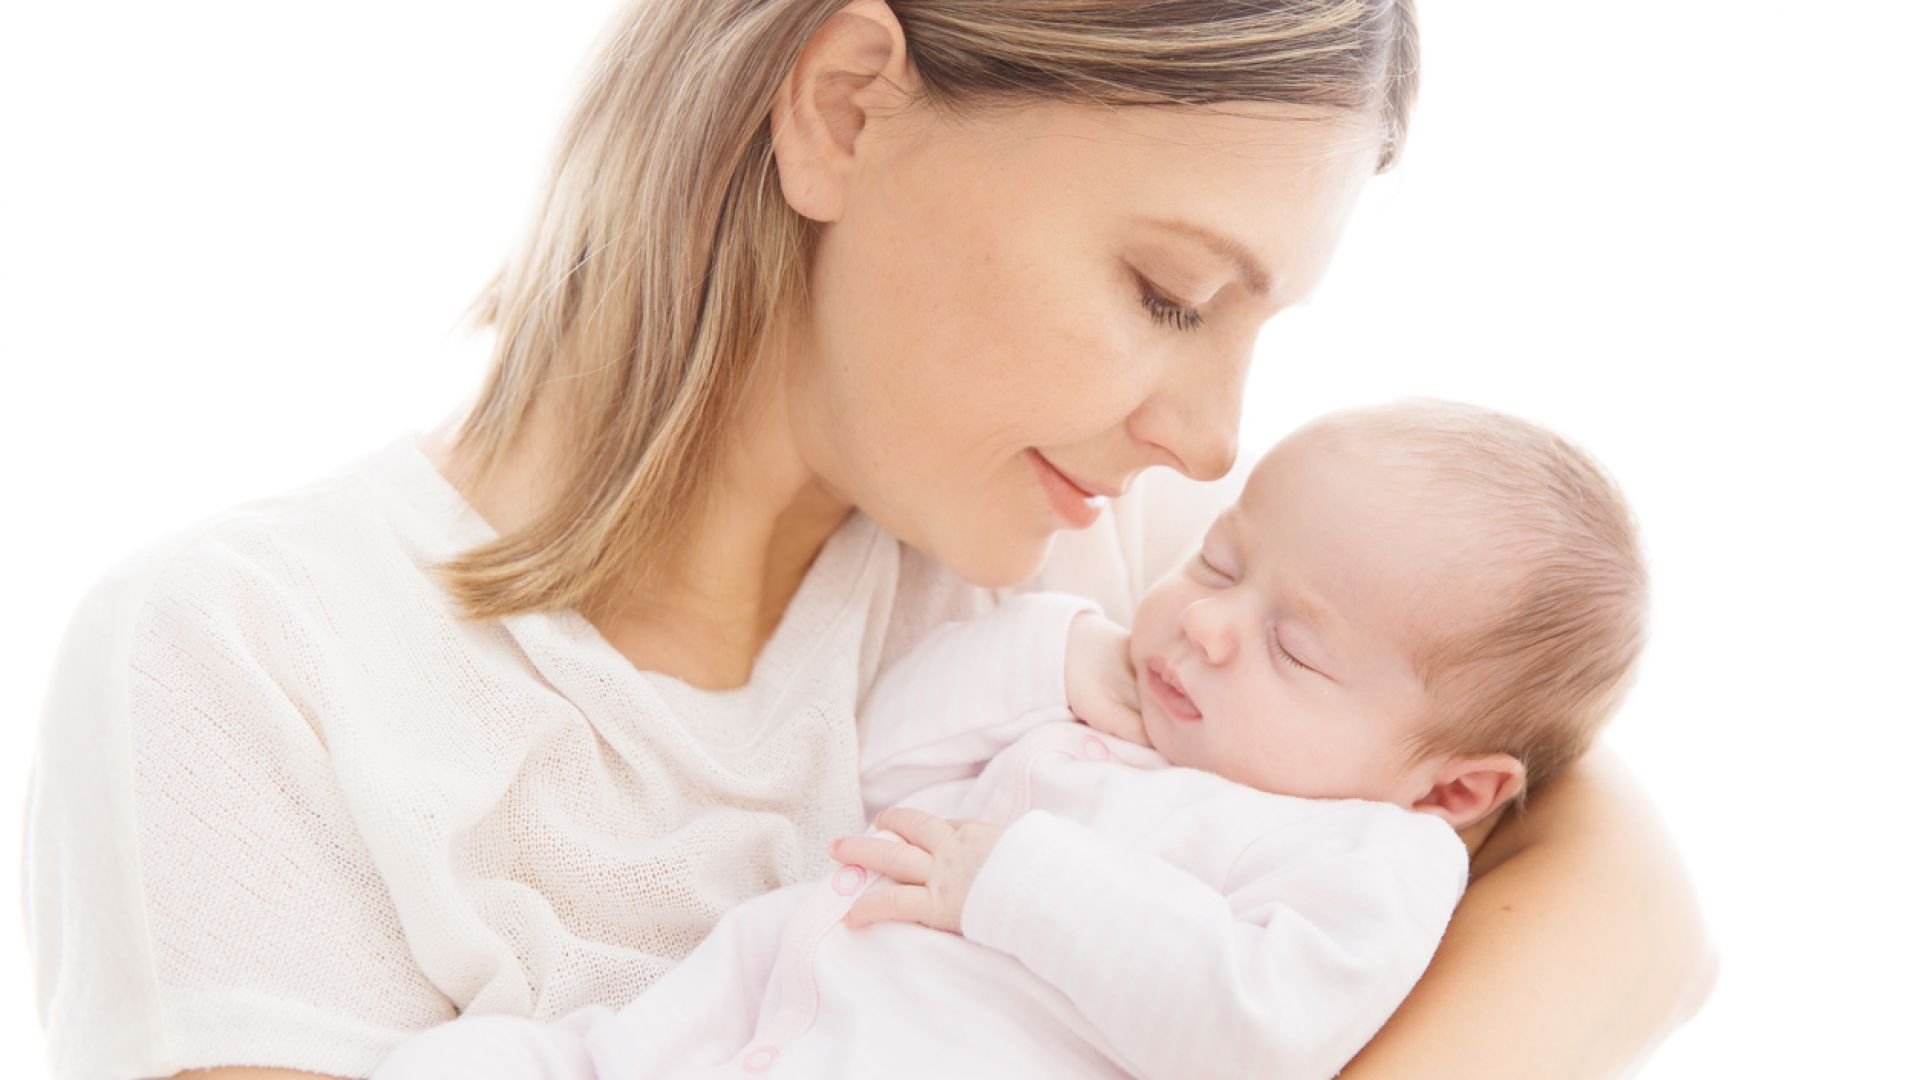 Ваксинирани майки имат антитела срещу Covid-19 в кърмата